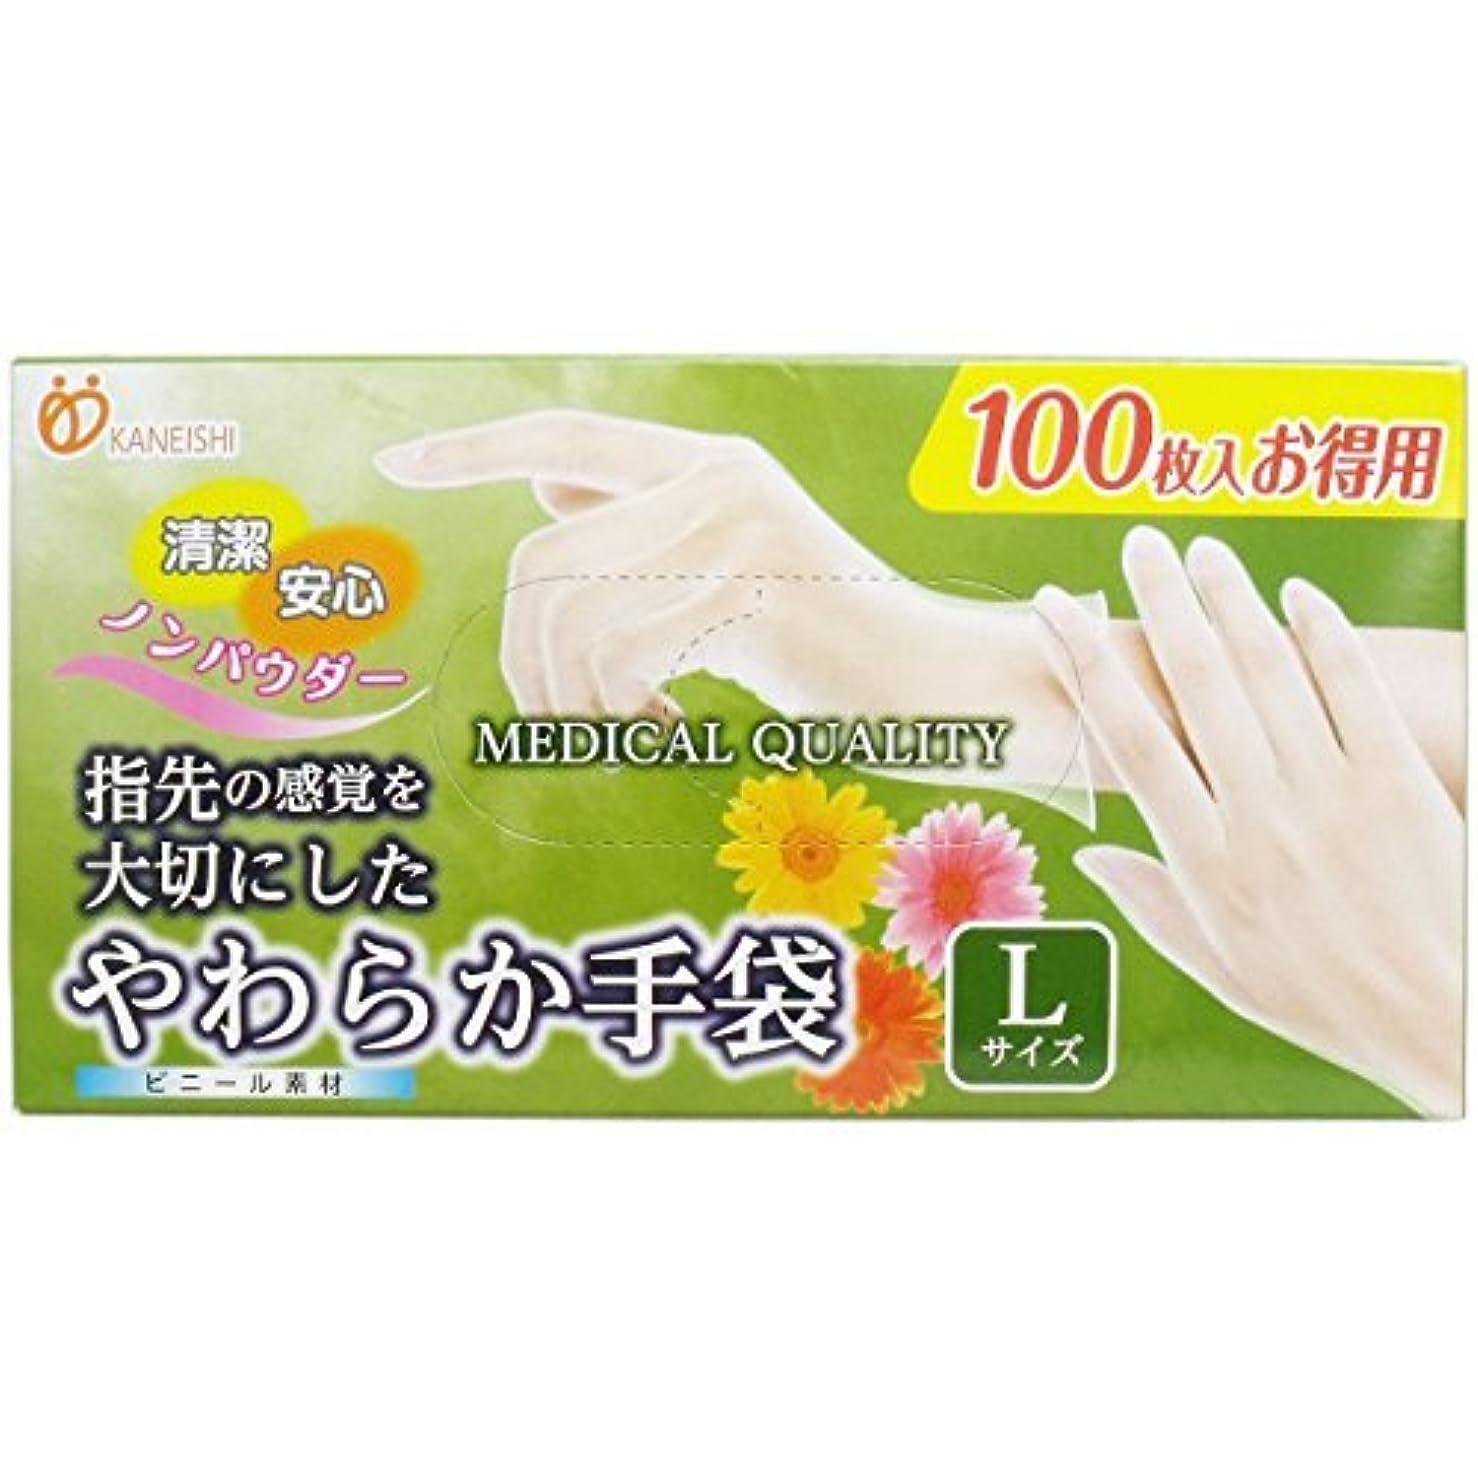 アート努力するとティームやわらか手袋 ビニール素材 Lサイズ 100枚入x7